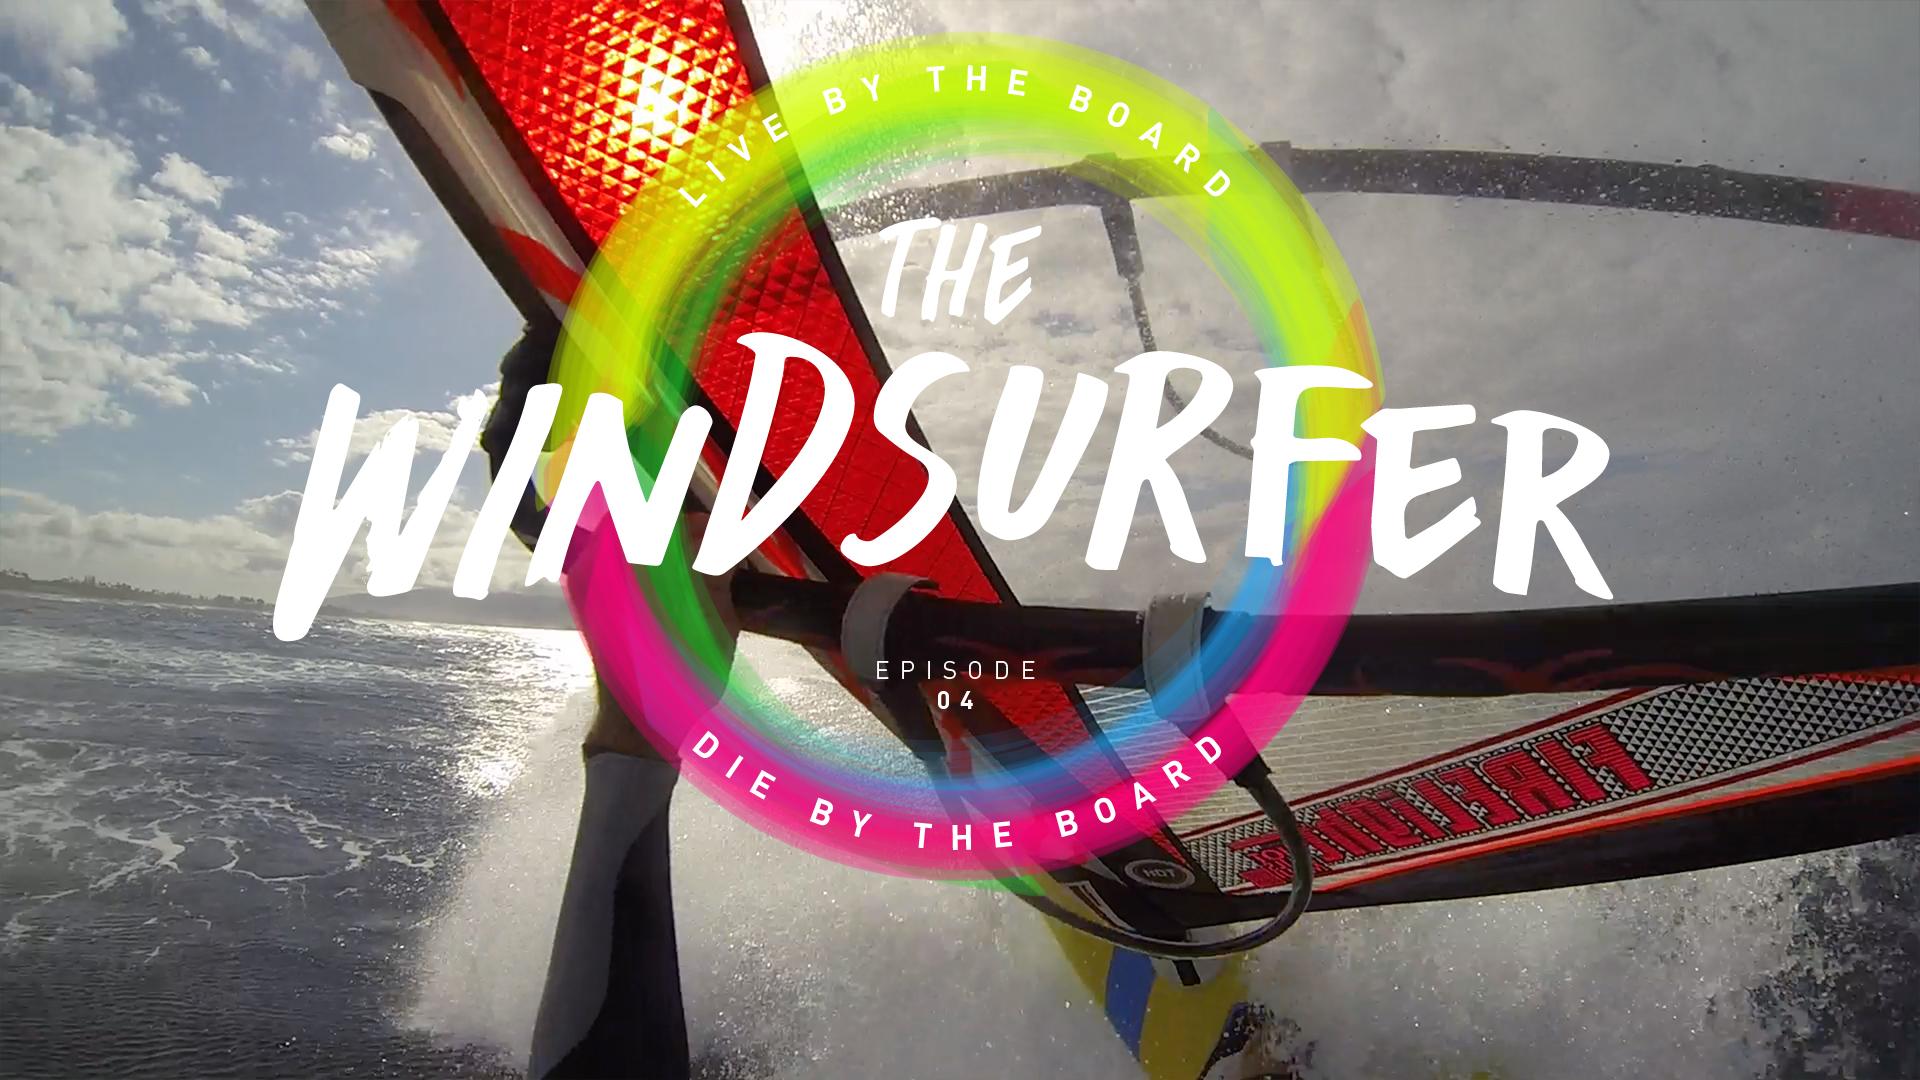 koav-windsurfer-sessions-ep04-title